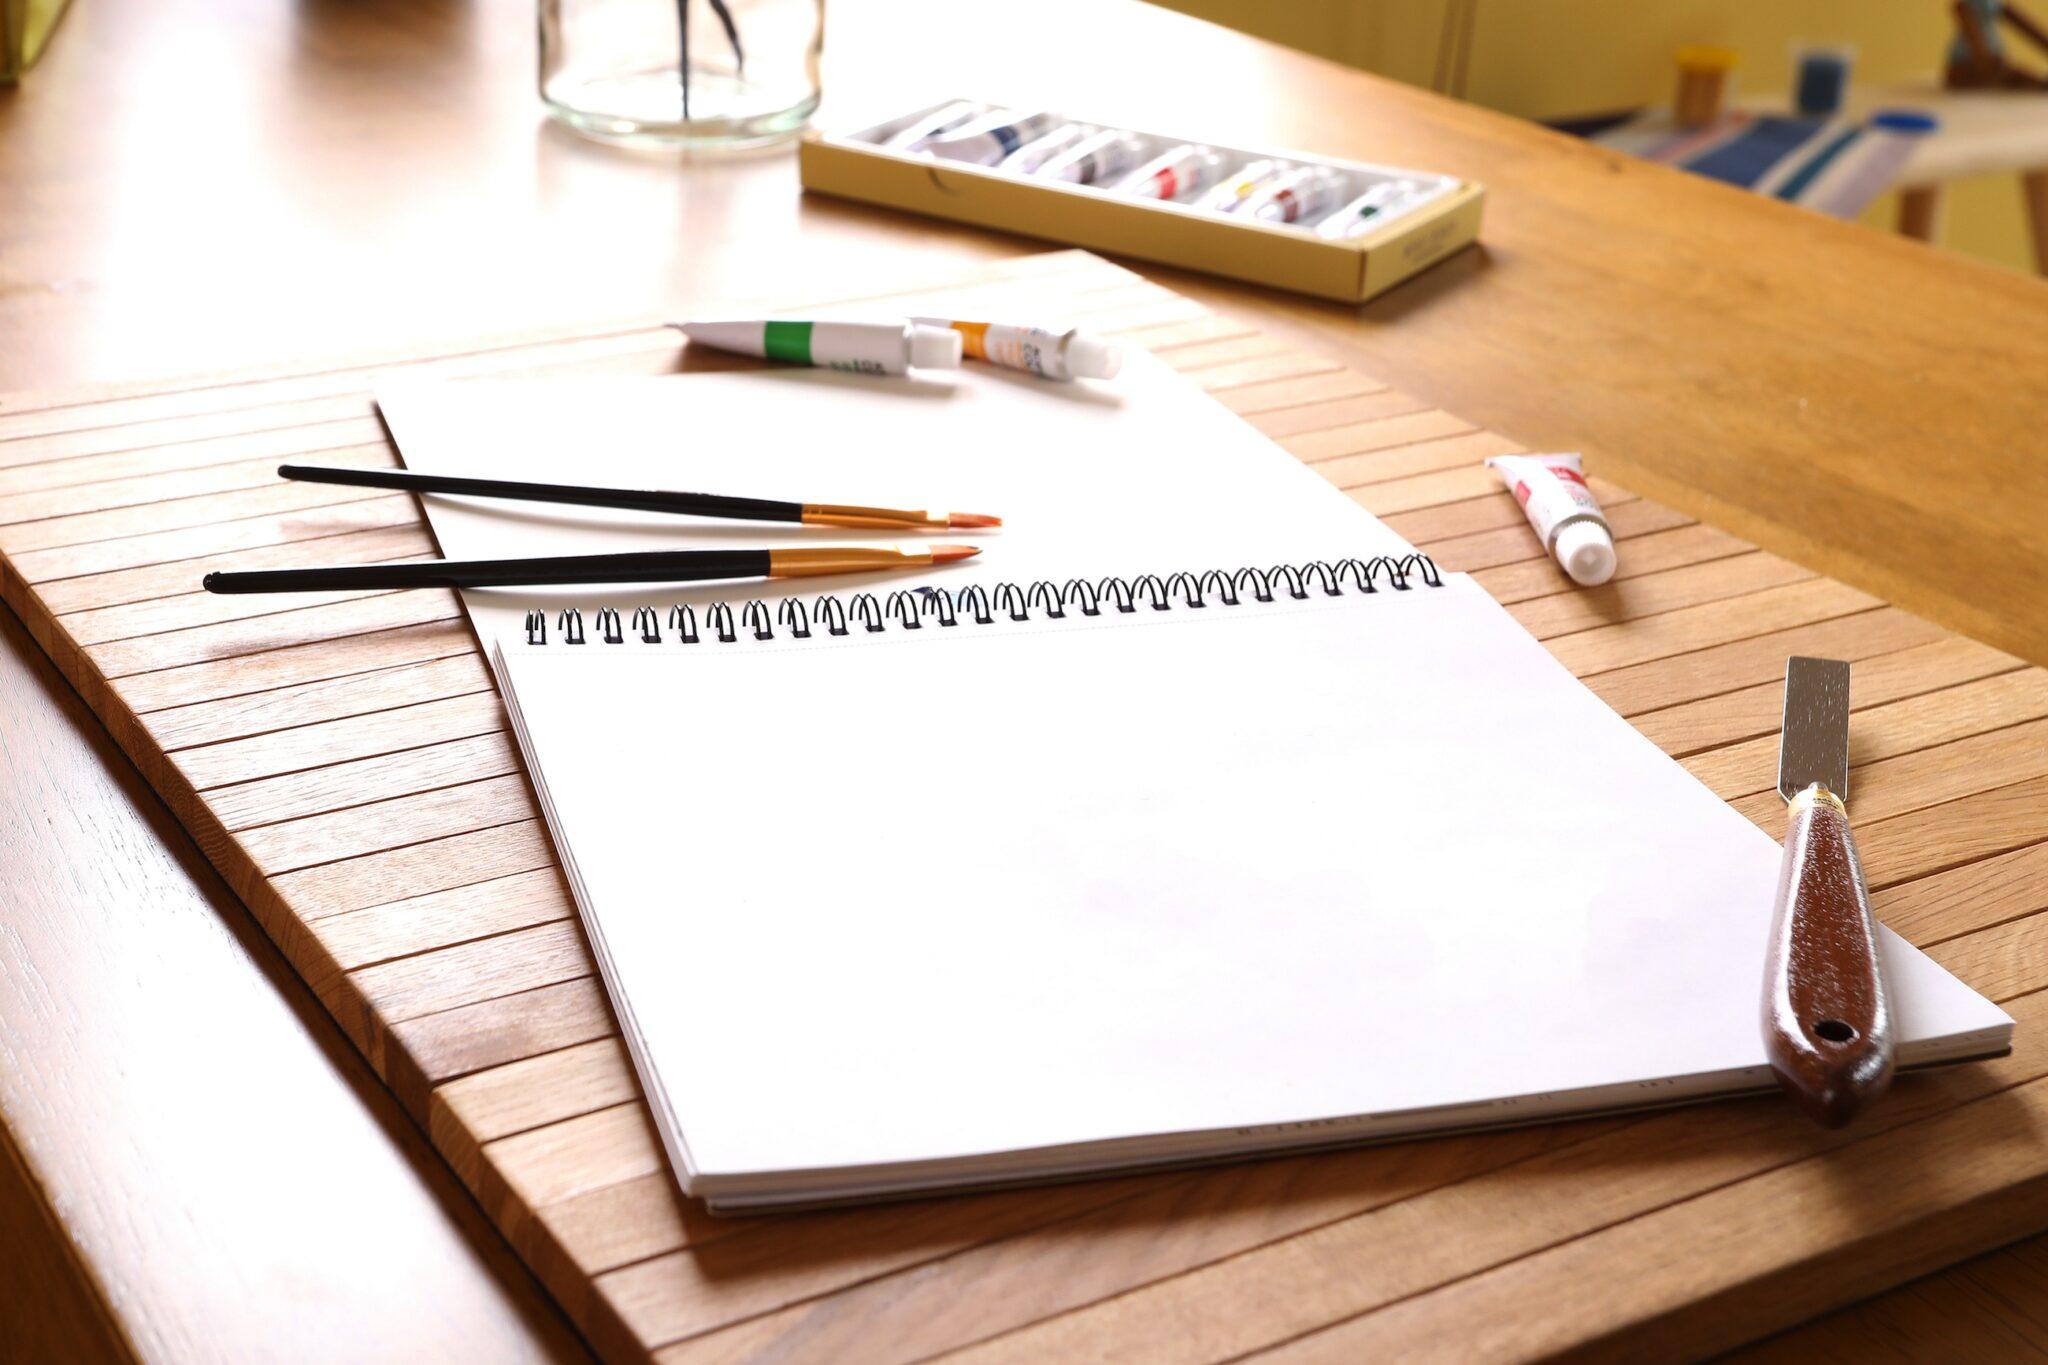 أهم قواعد الرسم والتظليل